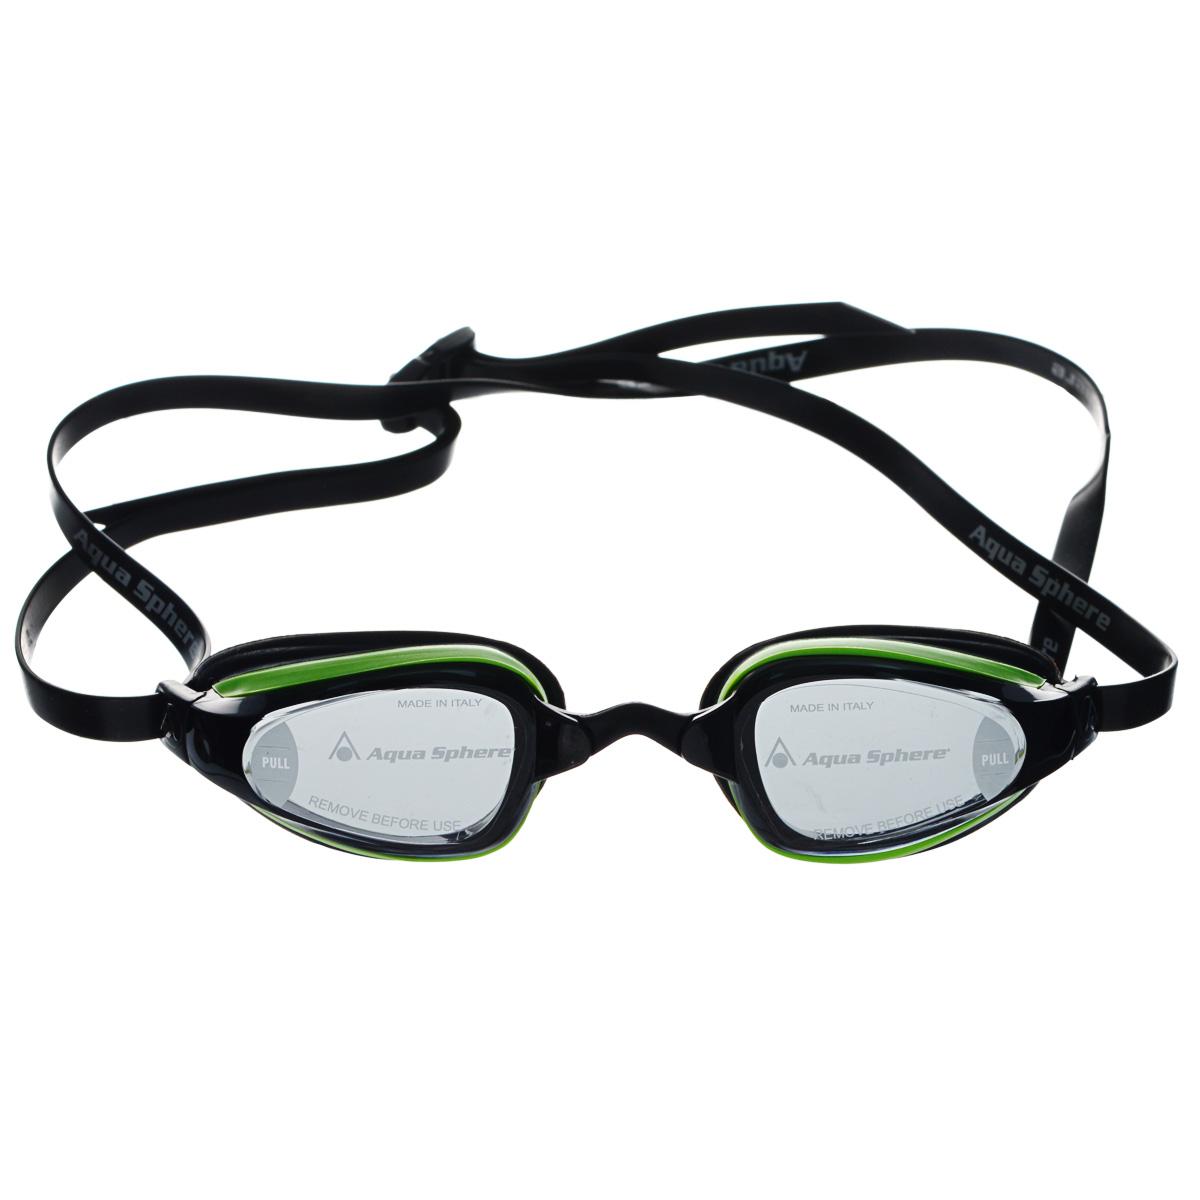 Очки для плавания Aqua Sphere K180+, цвет: зеленый, черныйTN 173070Очки для плавания Aqua Sphere K180+ спроектированы специально для тренировок на открытой воде и соревнований. Плотное прилегание к лицу обеспечивает хорошую обтекаемость и скорость движения. Благодаря сменным перемычкам можно менять расстояние между линзами. Запатентованные изогнутые линзы дают прекрасный обзор на 180° - без искажений. Очки дают 100% защиту от ультрафиолетового излучения.В комплекте 3 сменных перемычки.